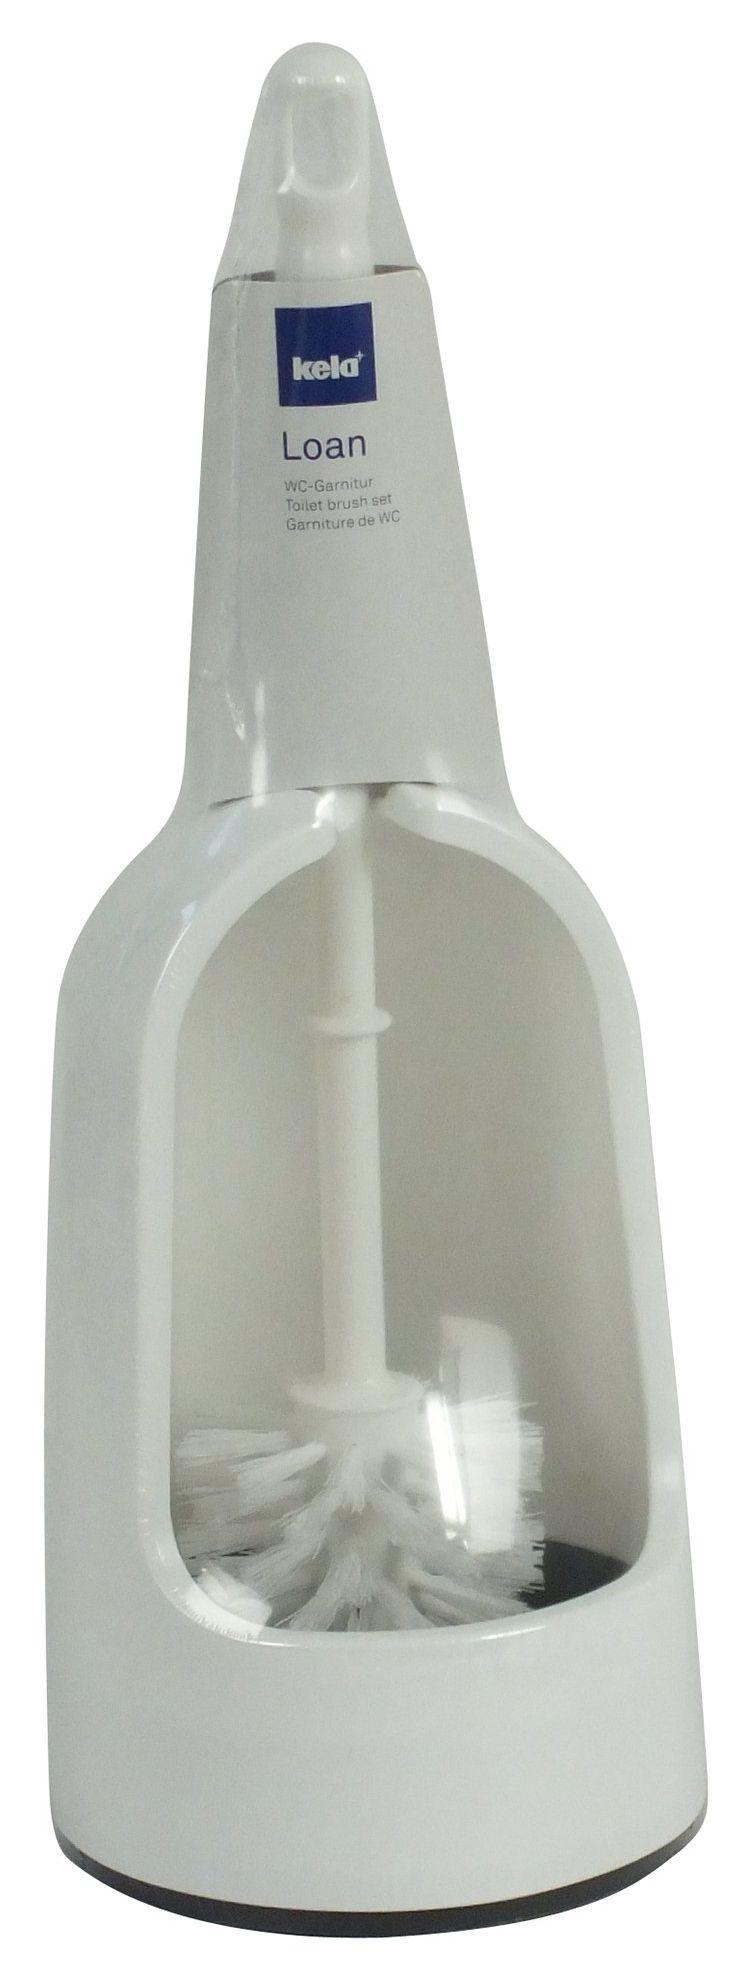 KELA 26011 TOILET BRUSH HOLDER SET, WHITE PLASTIC, LOAN '